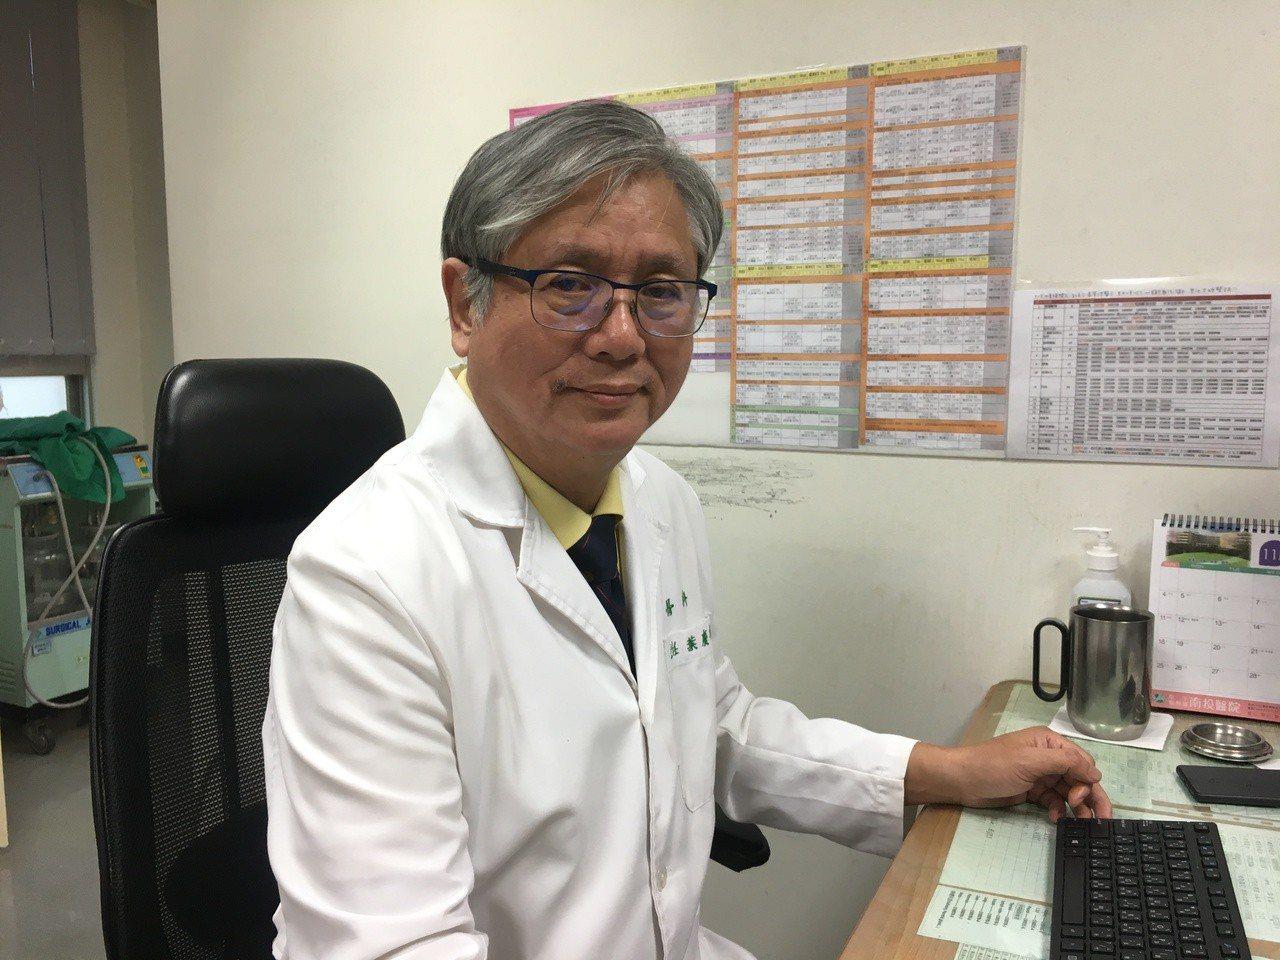 南投醫院家醫科醫師葉慶年說,電子煙仍會造成肺癌、中風及心臟病的風險,想避免家人吸...